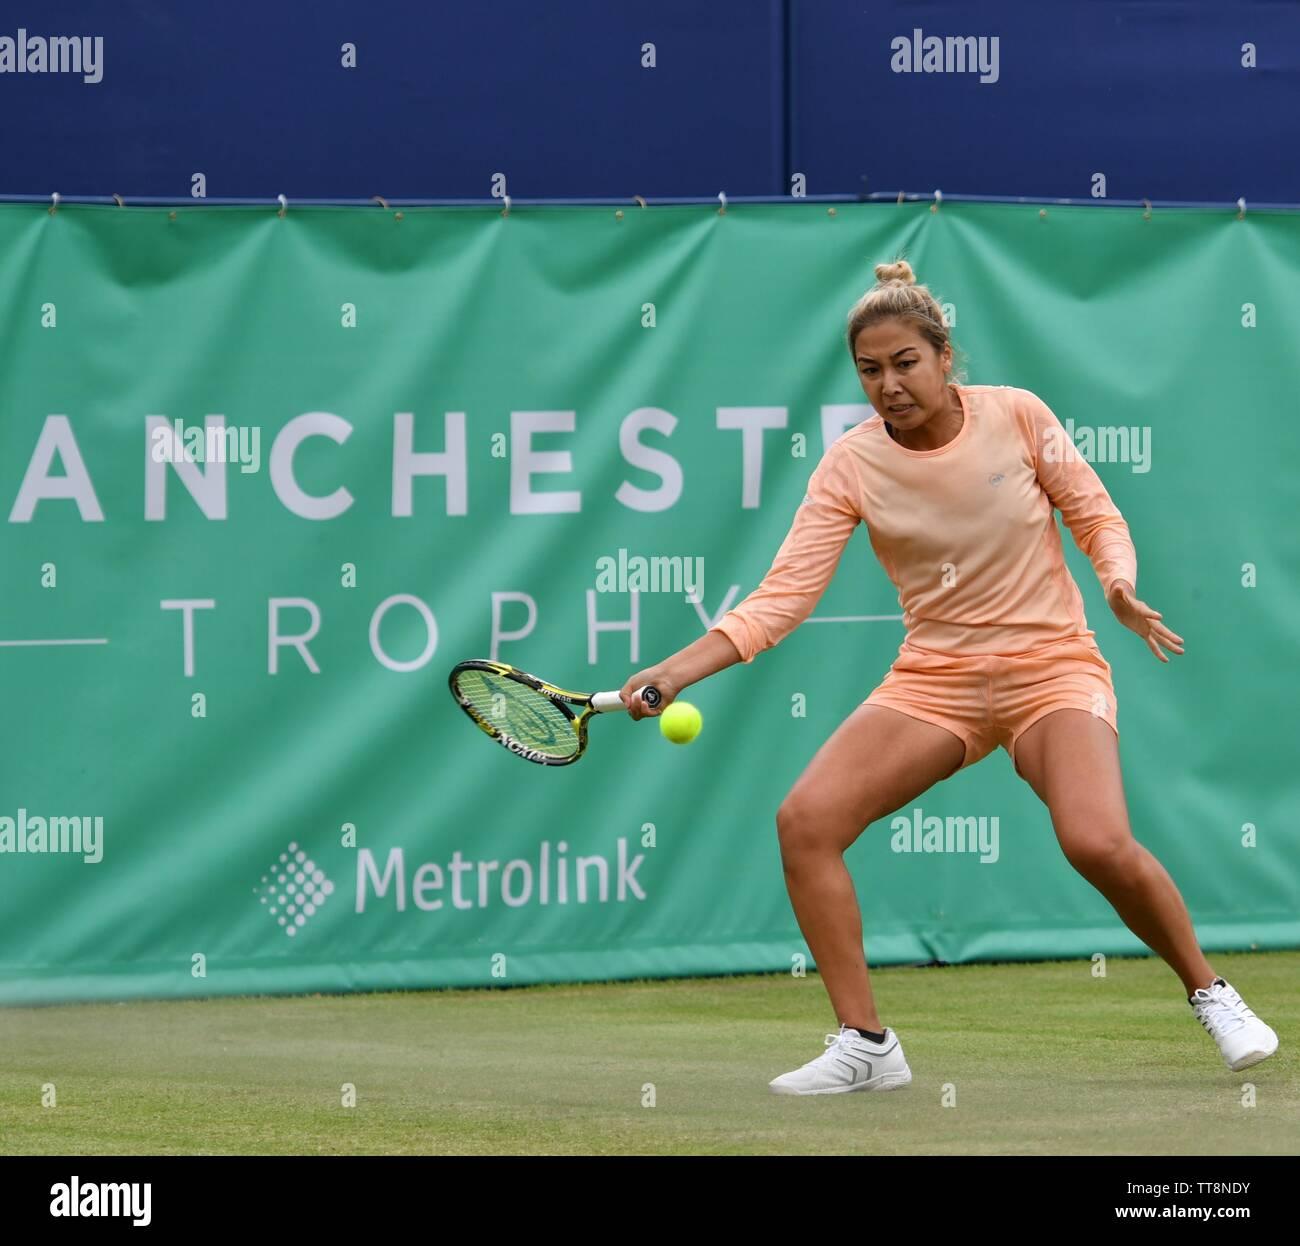 Manchester UK 15 Juni 2019 Zarina Diyas (Kasachstan), die Zahl 3 Samen beats Madison Brengle (USA), die Anzahl Samen 2, 6-1, 7-5 im Halbfinale der Manchester Trophäe gehalten an der Nördlichen Tennis und Squash Club, West Didsbury. Stockfoto